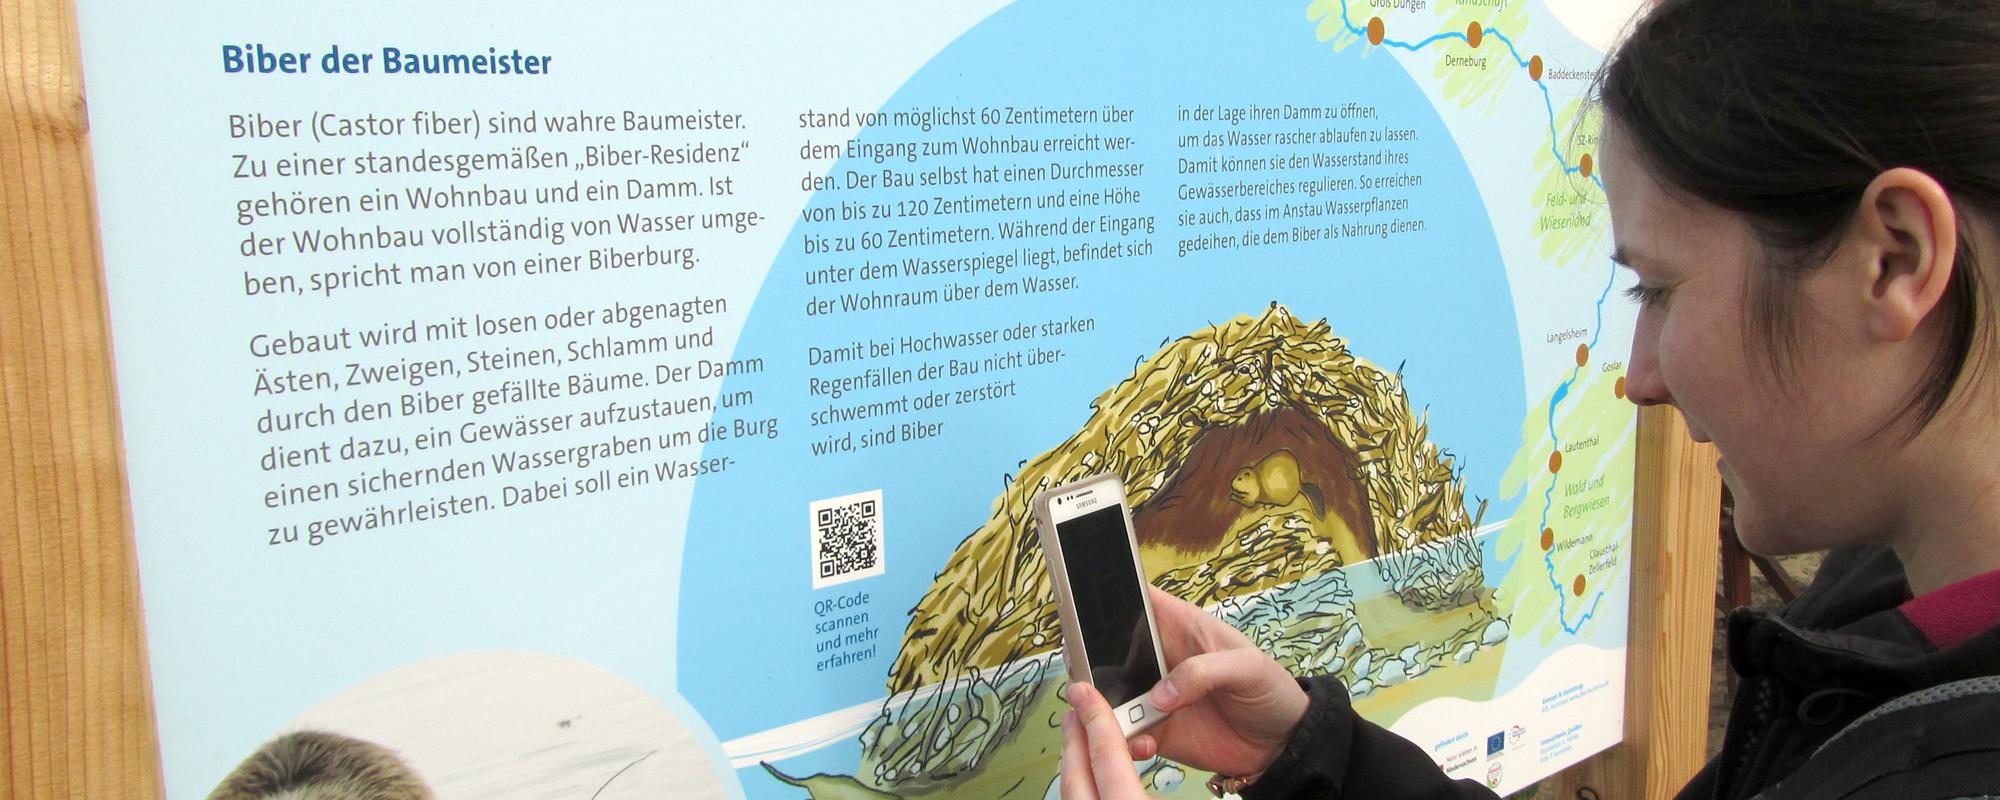 Infotafel am Innerste-Radweg: QR-Code scannen